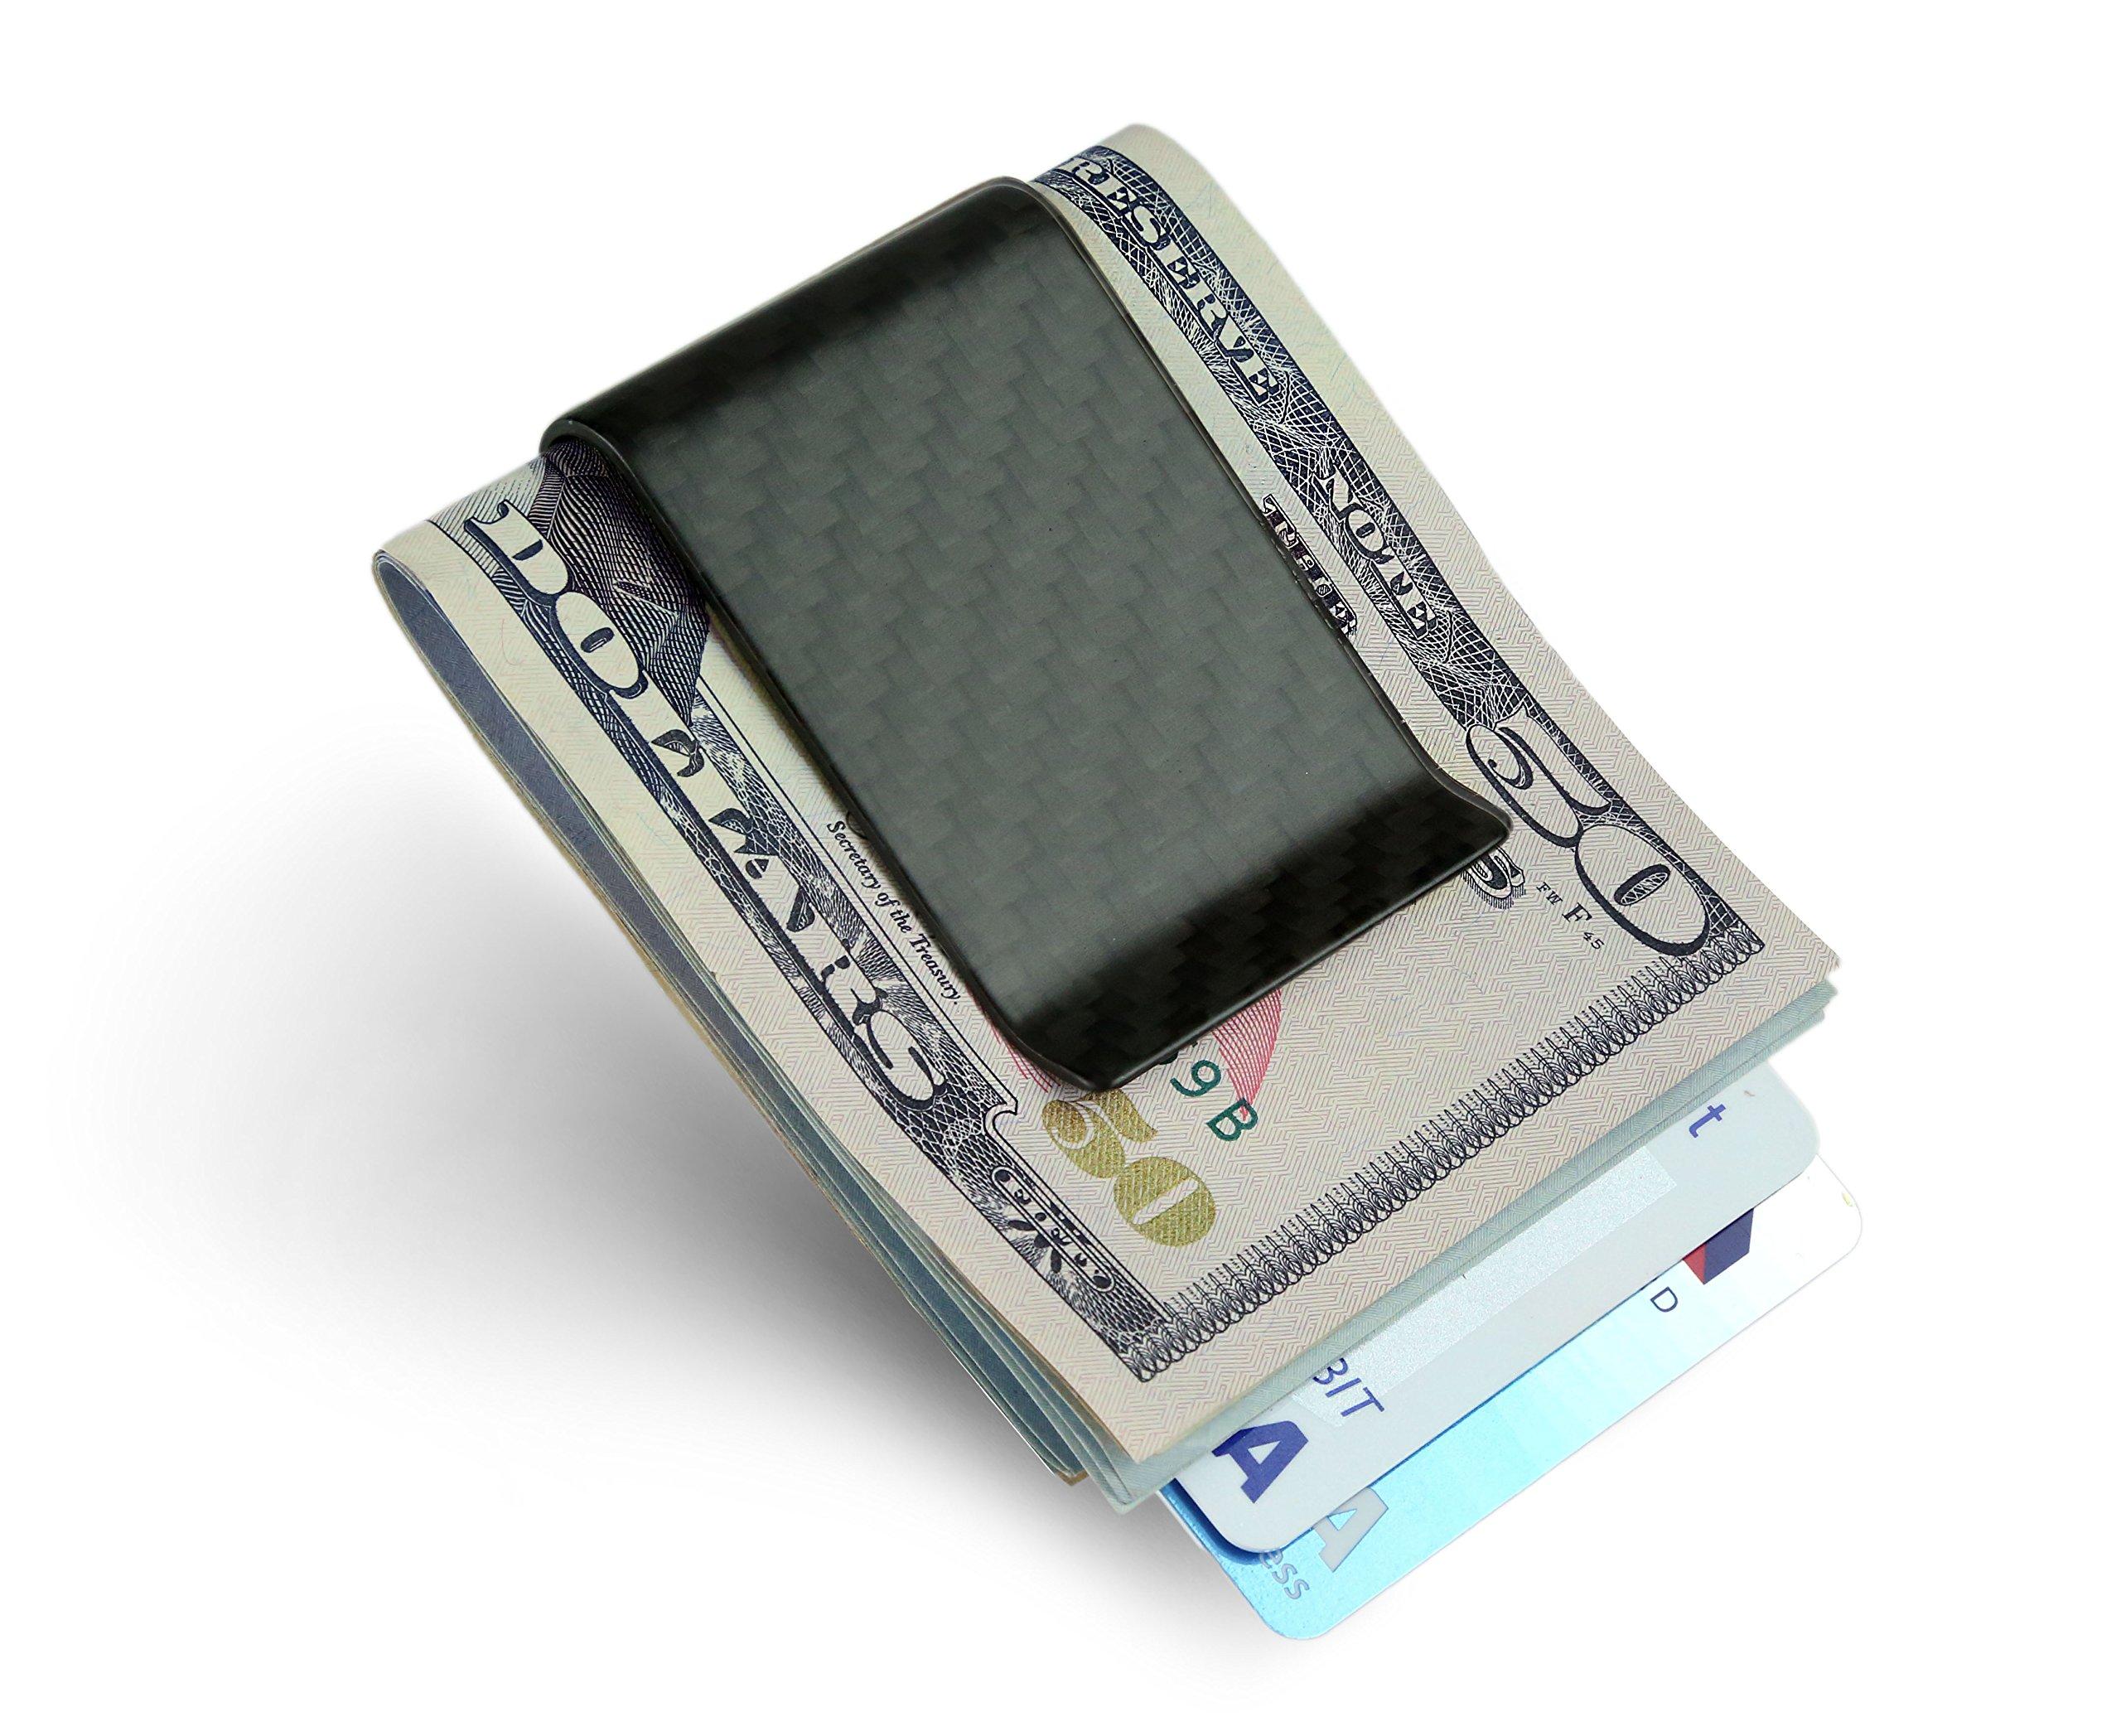 Carbon Fiber Money Clip Credit Card holder - SERMAN BRANDS Slim ...